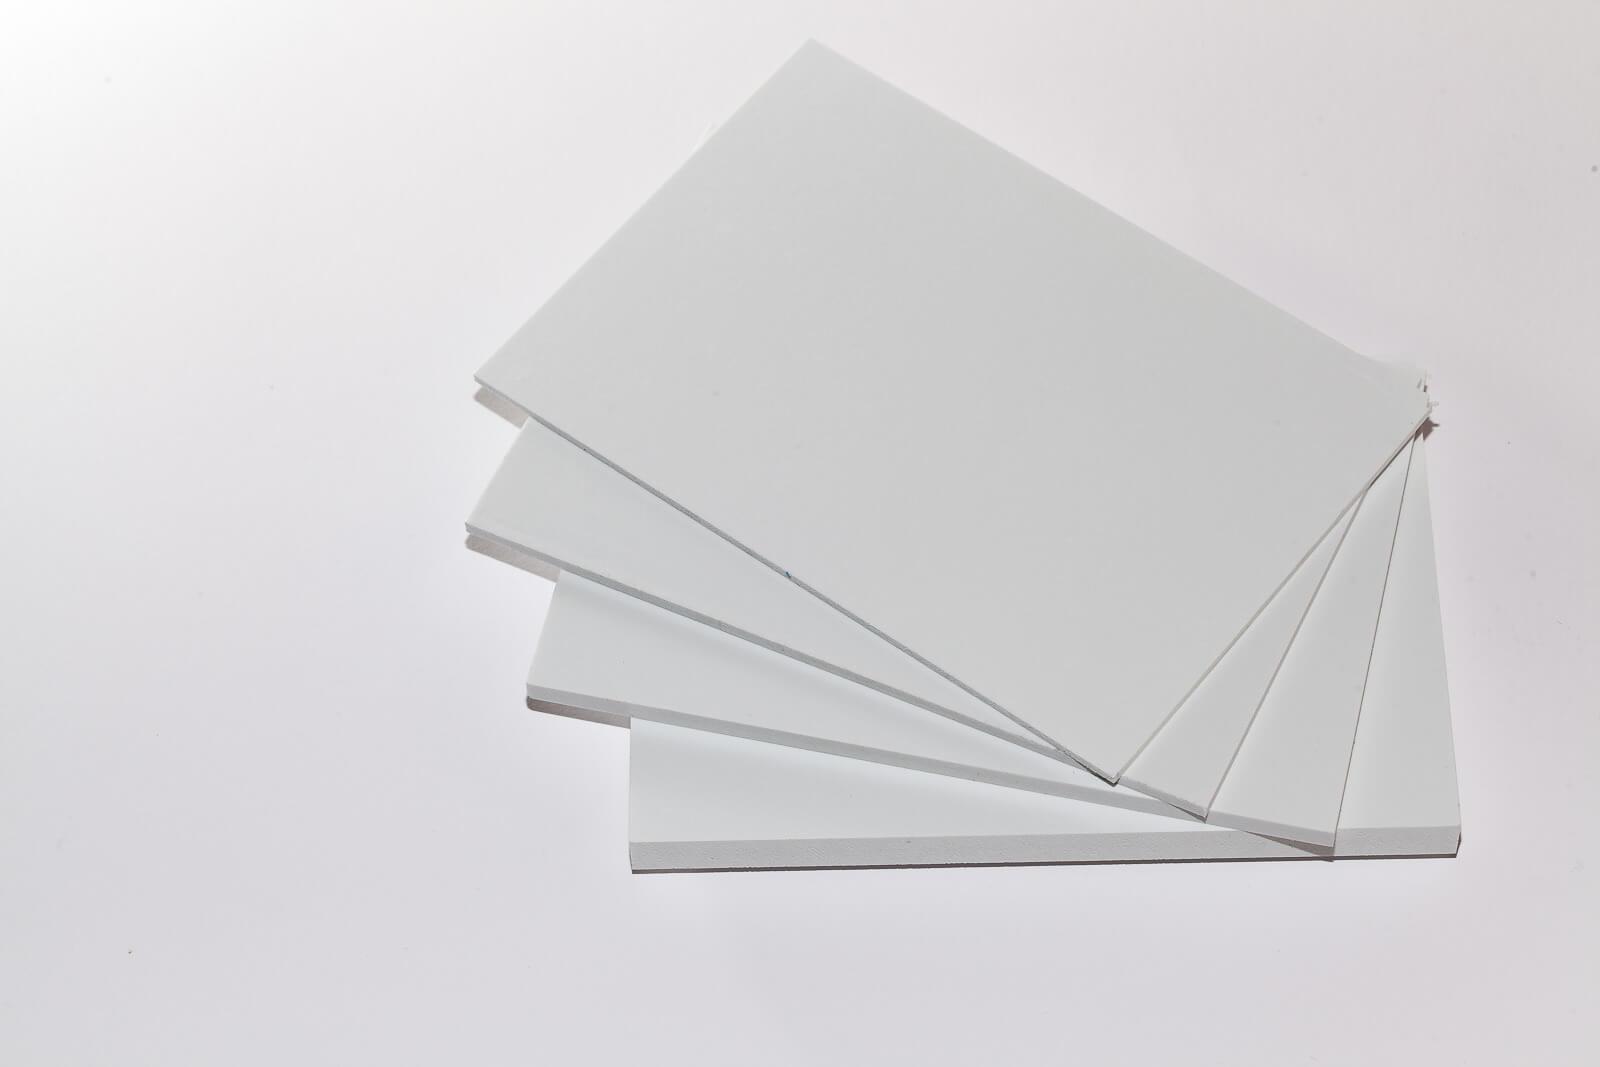 Eine Aufnahme von oben von vier weißen Simopor Light Platten PVC-Hartschaumplatte